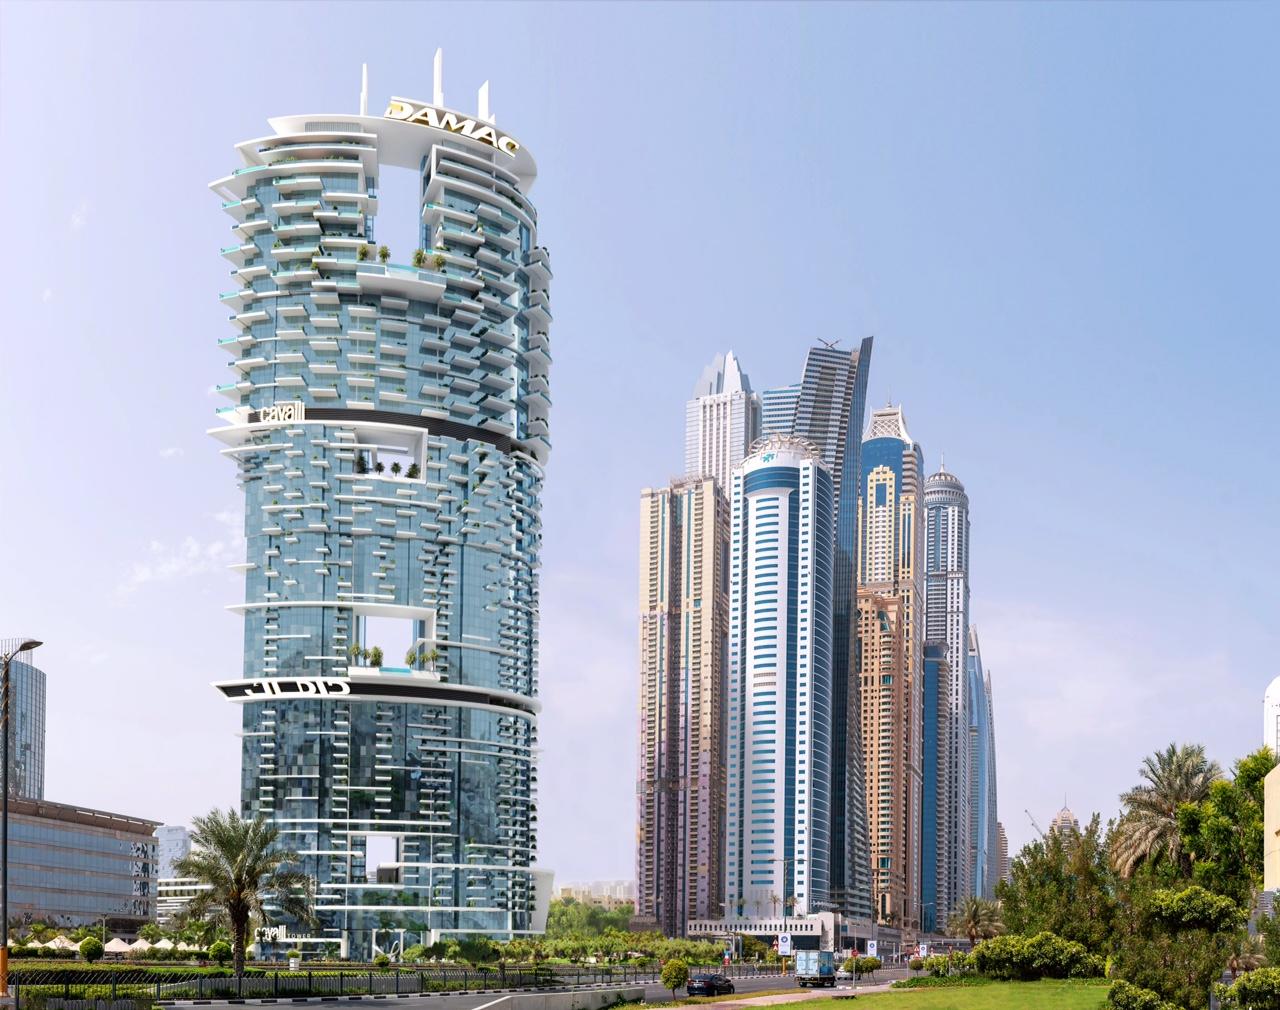 roberto-cavalli-punta-a-rilanciarsi-con-un-grattacielo-da-70-piani.-il-progetto-vale-545-milioni-di-euro